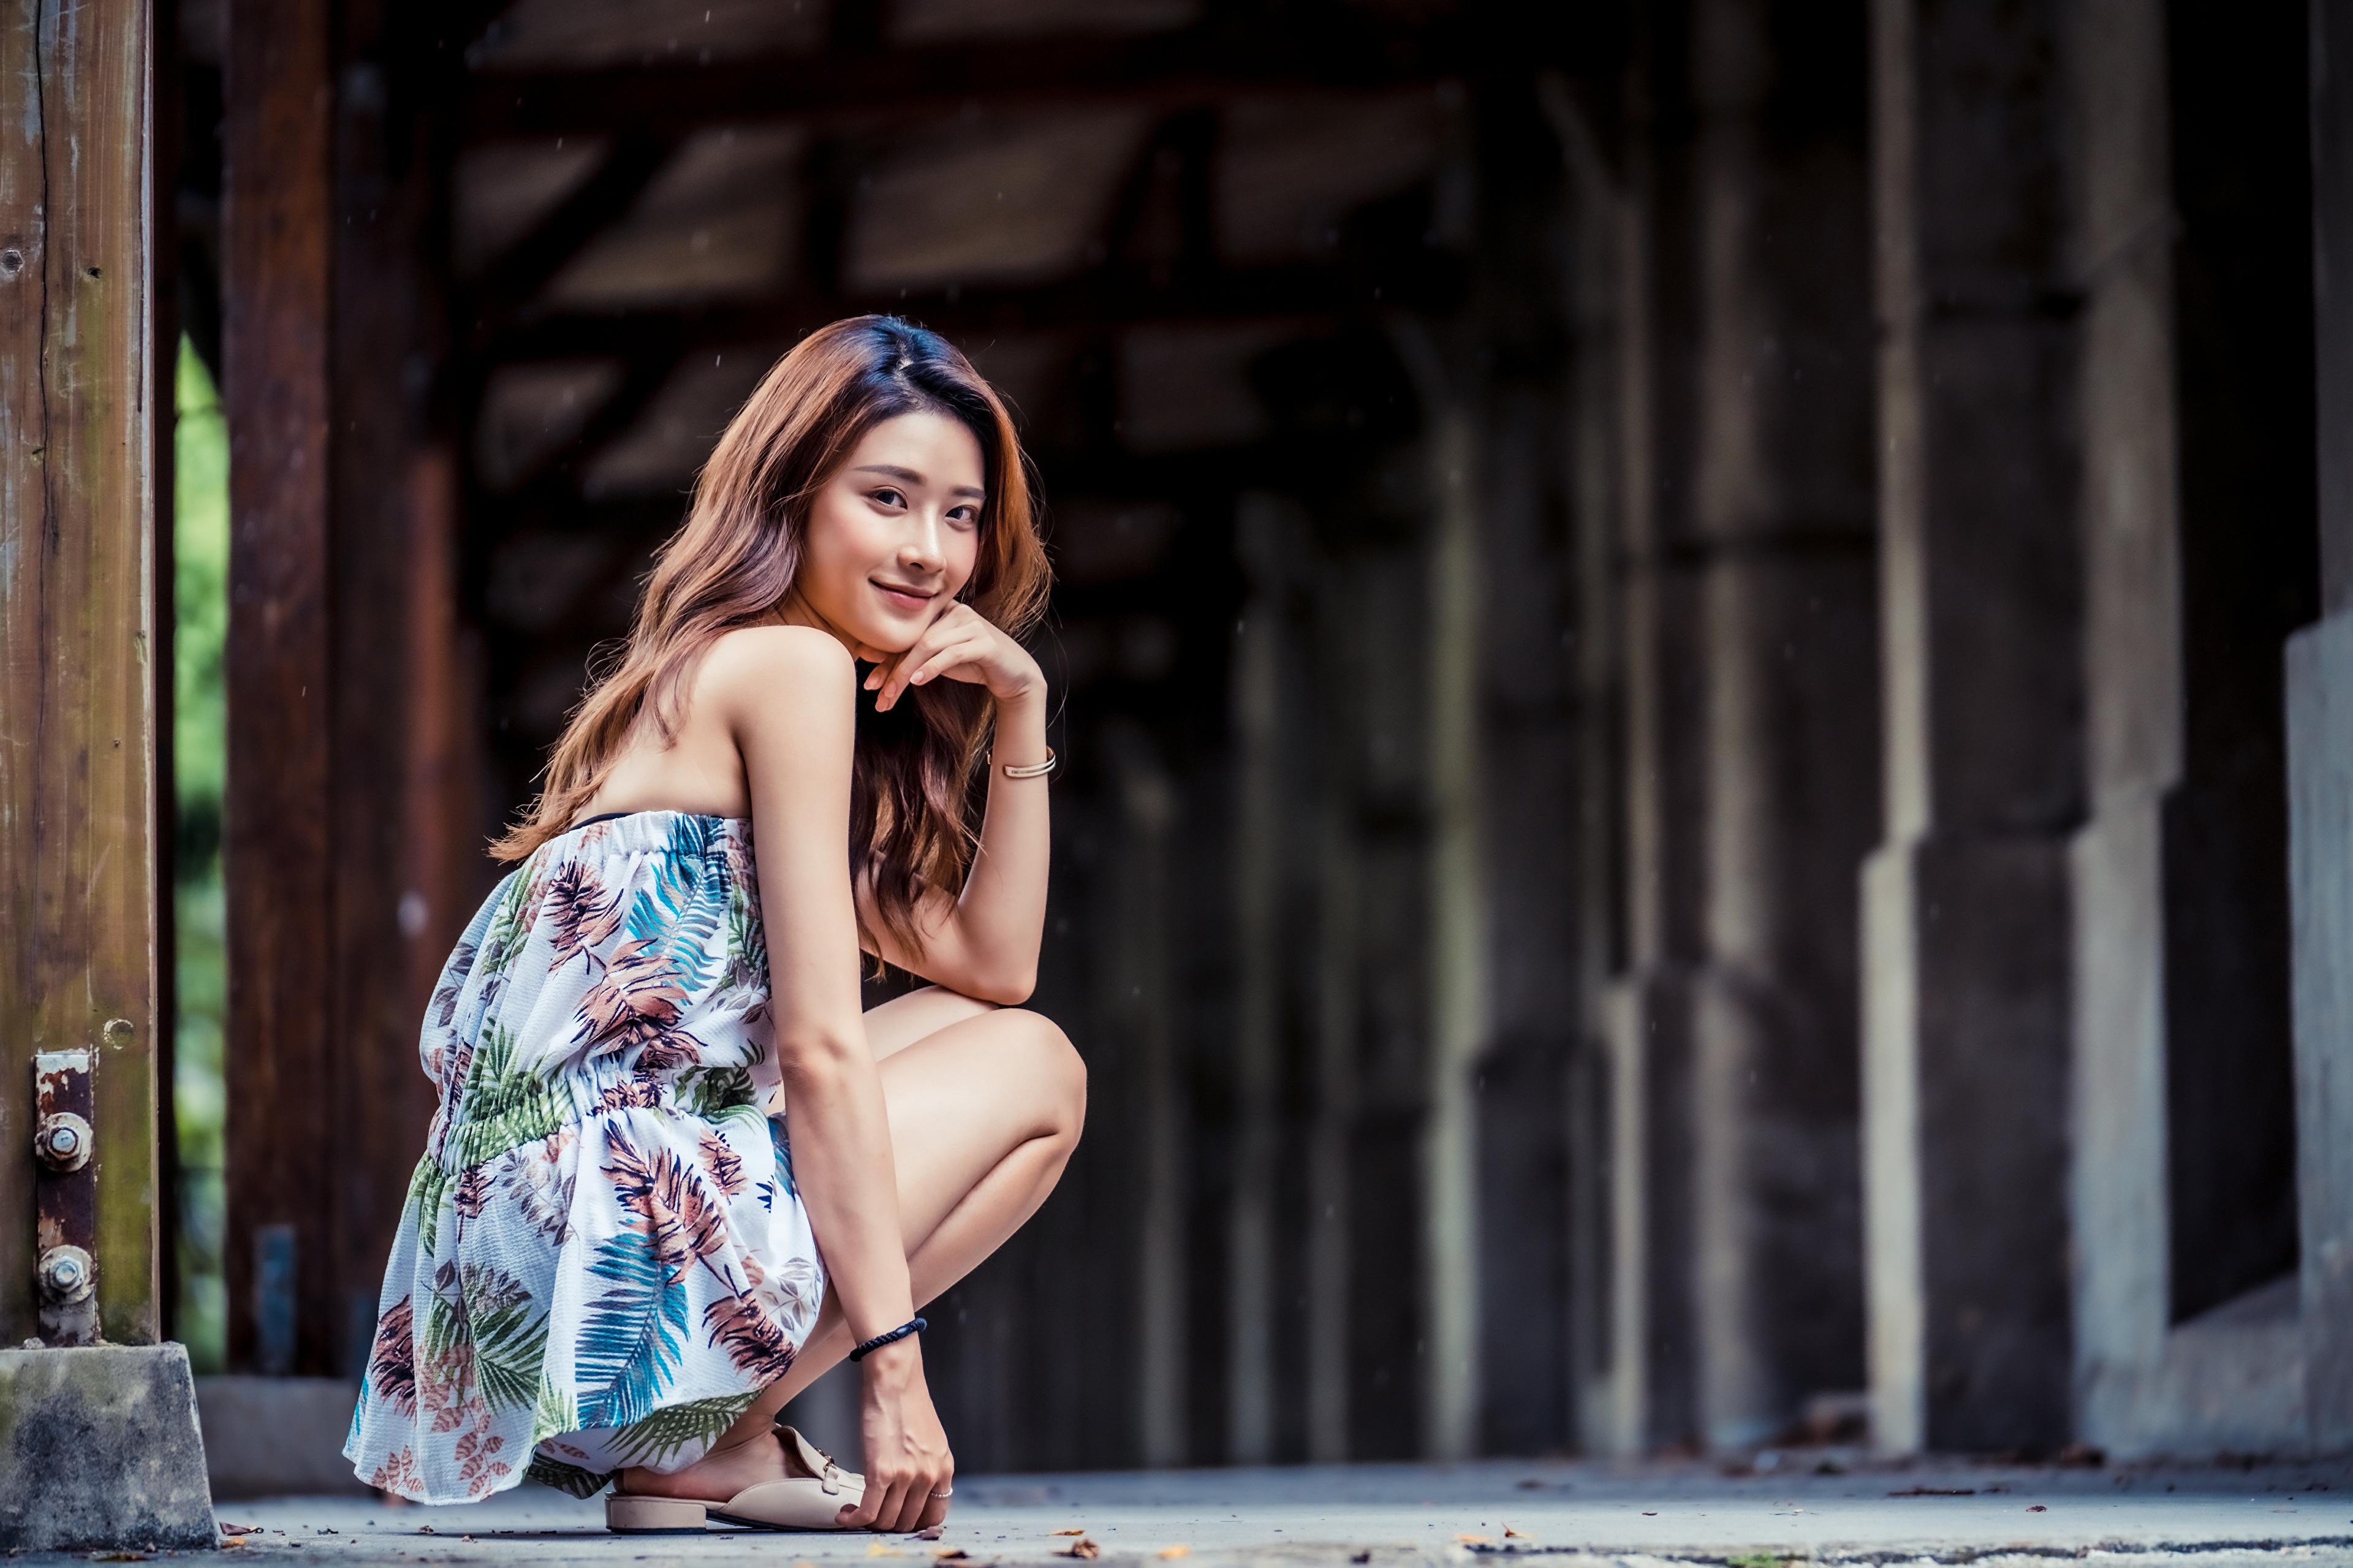 Обои для рабочего стола Улыбка молодая женщина Азиаты Сидит смотрят улыбается девушка Девушки молодые женщины азиатки азиатка сидя сидящие Взгляд смотрит